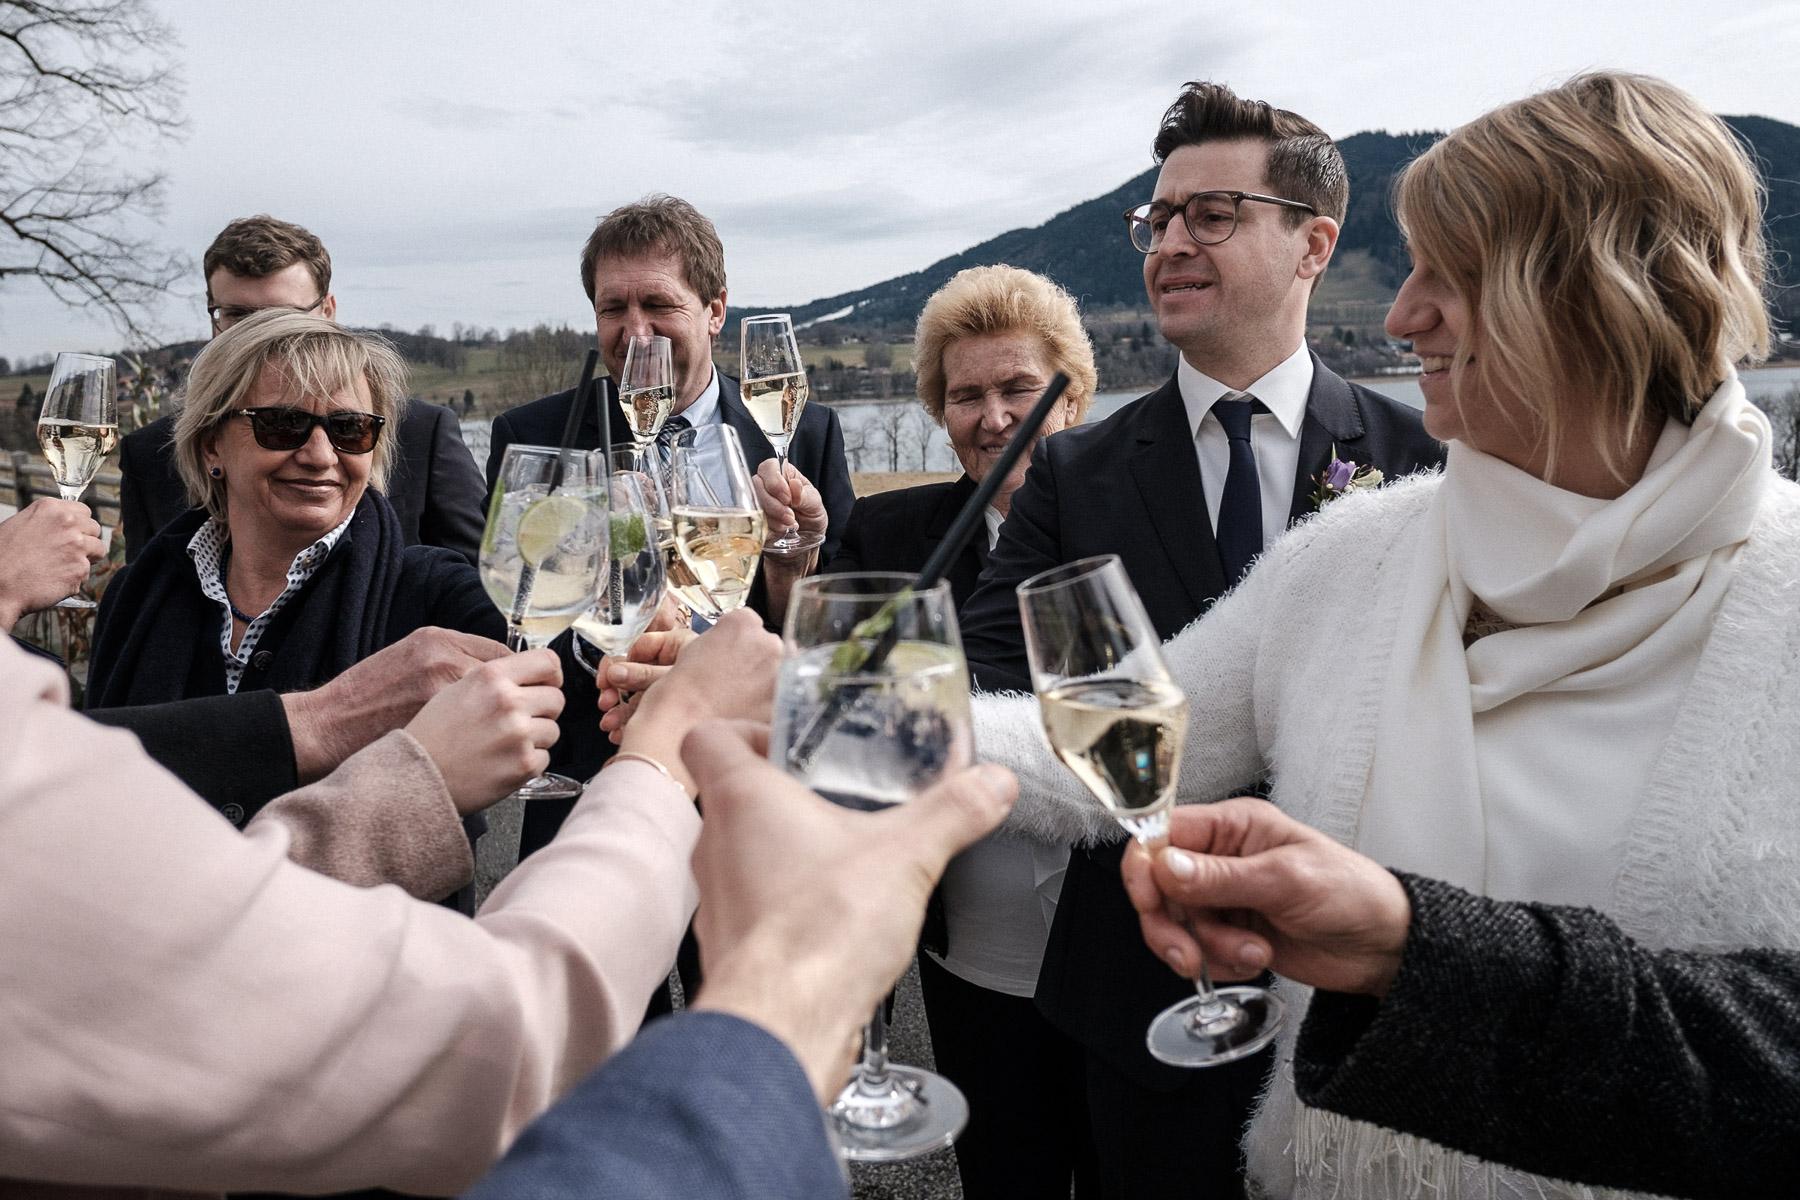 MartinLiebl_Hochzeitsfotograf_KCL_Blog_42.jpg